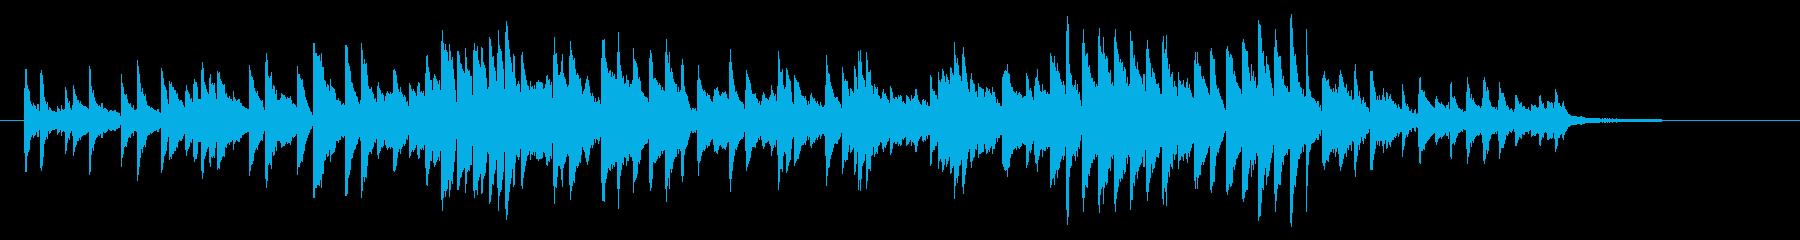 CMや映像をイメージした幻想的なピアノ曲の再生済みの波形